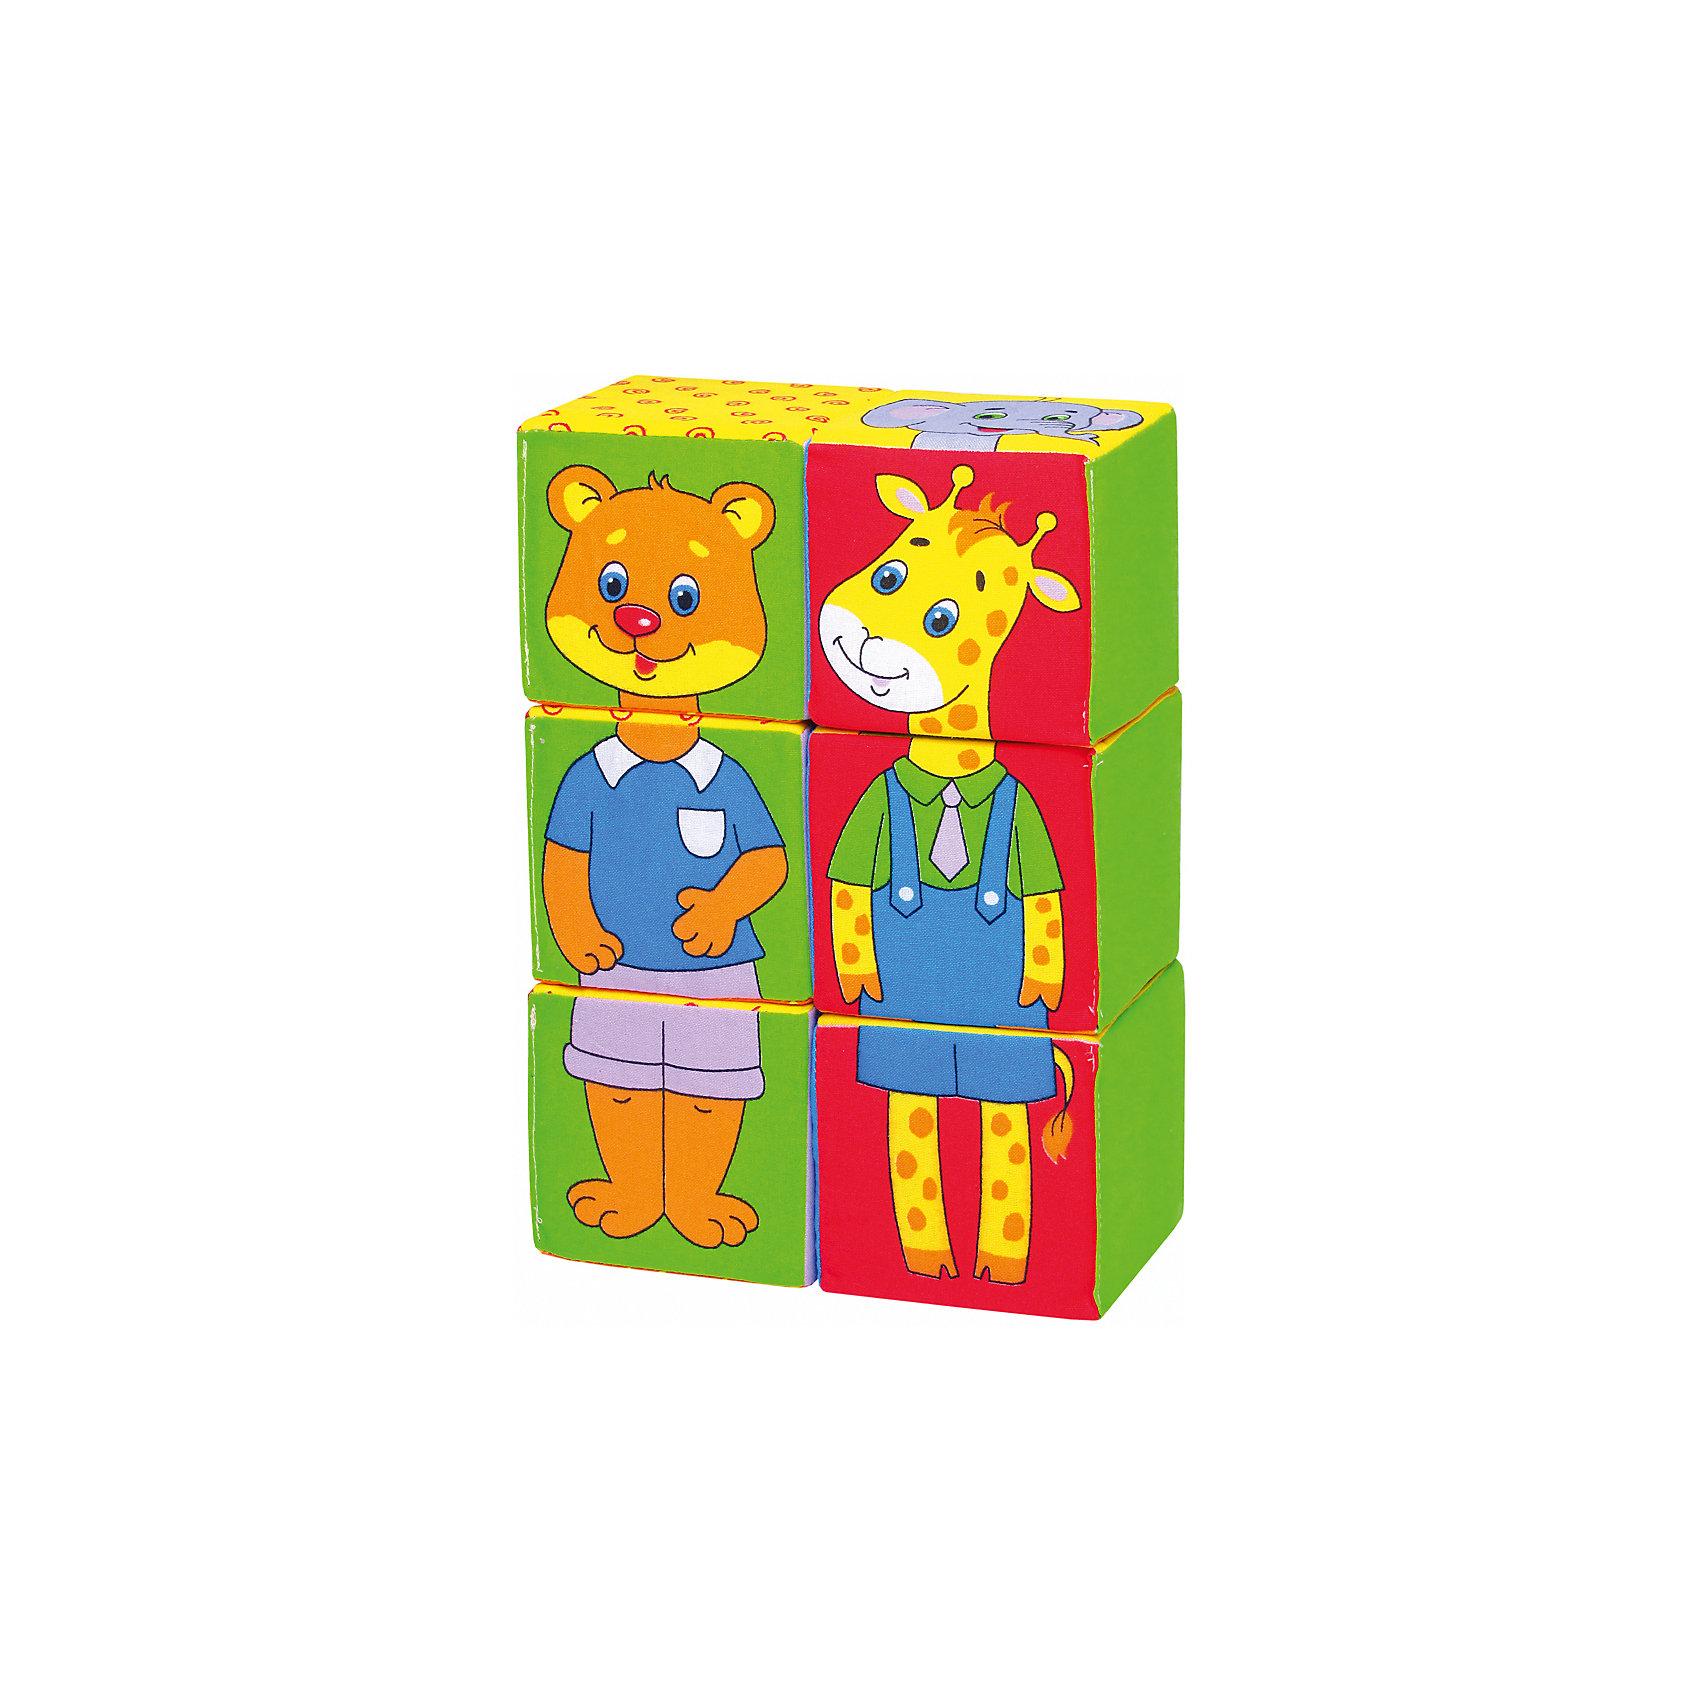 Кубики Зоопарк, МякишиМягкие игрушки<br>Характеристики товара:<br><br>• материал: хлопок, поролон<br>• комплектация: 6 шт<br>• размер игрушки: 8 см<br>• можно собрать шесть картинок<br>• развивающая игрушка<br>• упаковка: картон<br>• страна бренда: РФ<br>• страна изготовитель: РФ<br><br>Малыши активно познают мир и тянутся к новой информации. Чтобы сделать процесс изучения окружающего пространства интереснее, ребенку можно подарить развивающие игрушки. В процессе игры информация усваивается намного лучше!<br>Такие кубики помогут занять малыша, играть ими приятно и весело. Одновременно они позволят познакомиться со многими цветами, фактурами, а также из них можно собрать шесть картинок. Такие игрушки развивают тактильные ощущения, моторику, цветовосприятие, логику, воображение, учат фокусировать внимание. Каждое изделие абсолютно безопасно – оно создано из качественной ткани с мягким наполнителем. Игрушки производятся из качественных и проверенных материалов, которые безопасны для детей.<br><br>Кубики Зоопарк от бренда Мякиши можно купить в нашем интернет-магазине.<br><br>Ширина мм: 180<br>Глубина мм: 180<br>Высота мм: 180<br>Вес г: 50<br>Возраст от месяцев: 12<br>Возраст до месяцев: 36<br>Пол: Унисекс<br>Возраст: Детский<br>SKU: 5183229